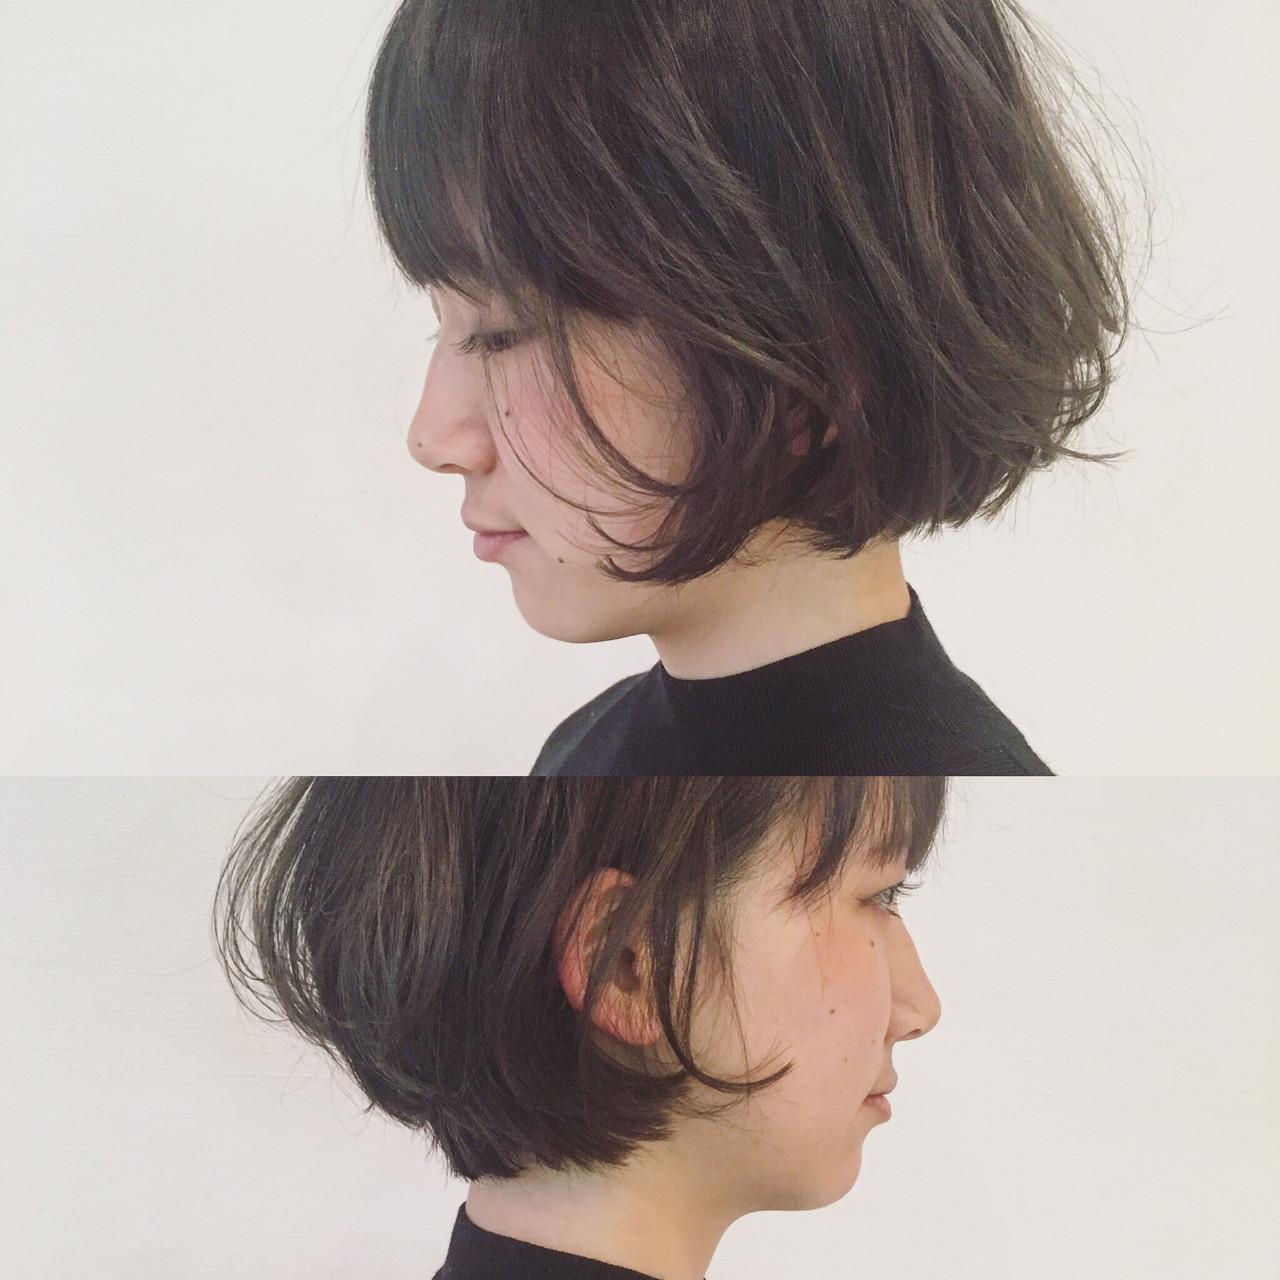 ナチュラル パーマ 色気 暗髪 ヘアスタイルや髪型の写真・画像